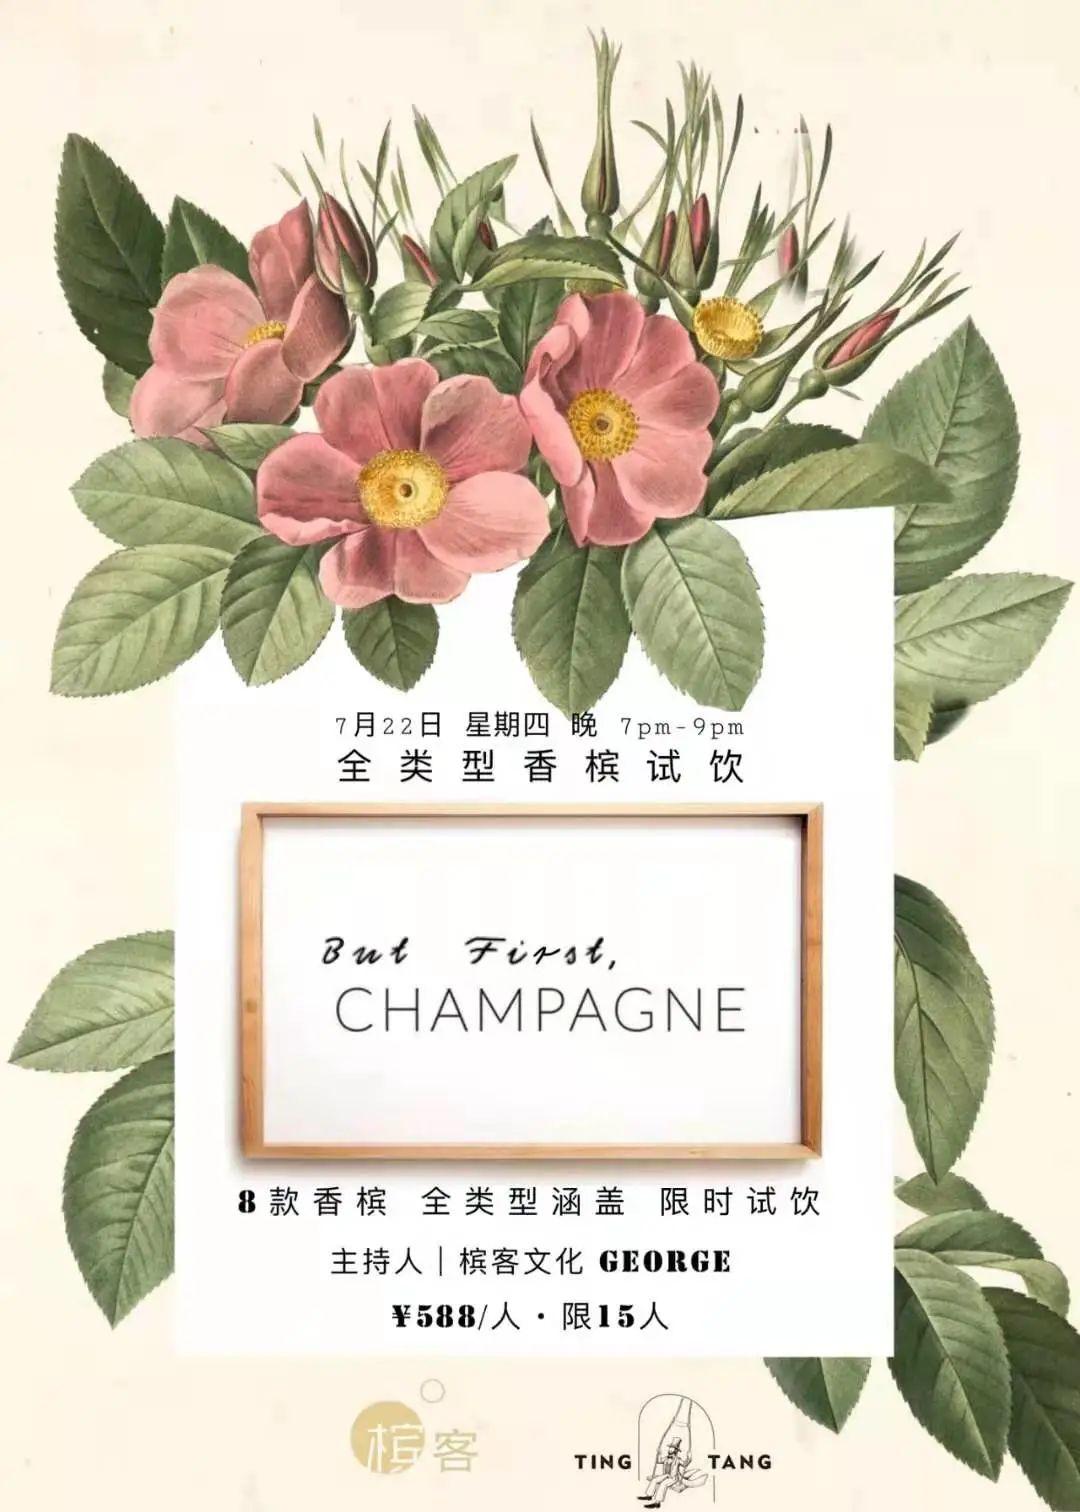 7.22 南京 | Ting Tang 里的全类型香槟畅饮局!